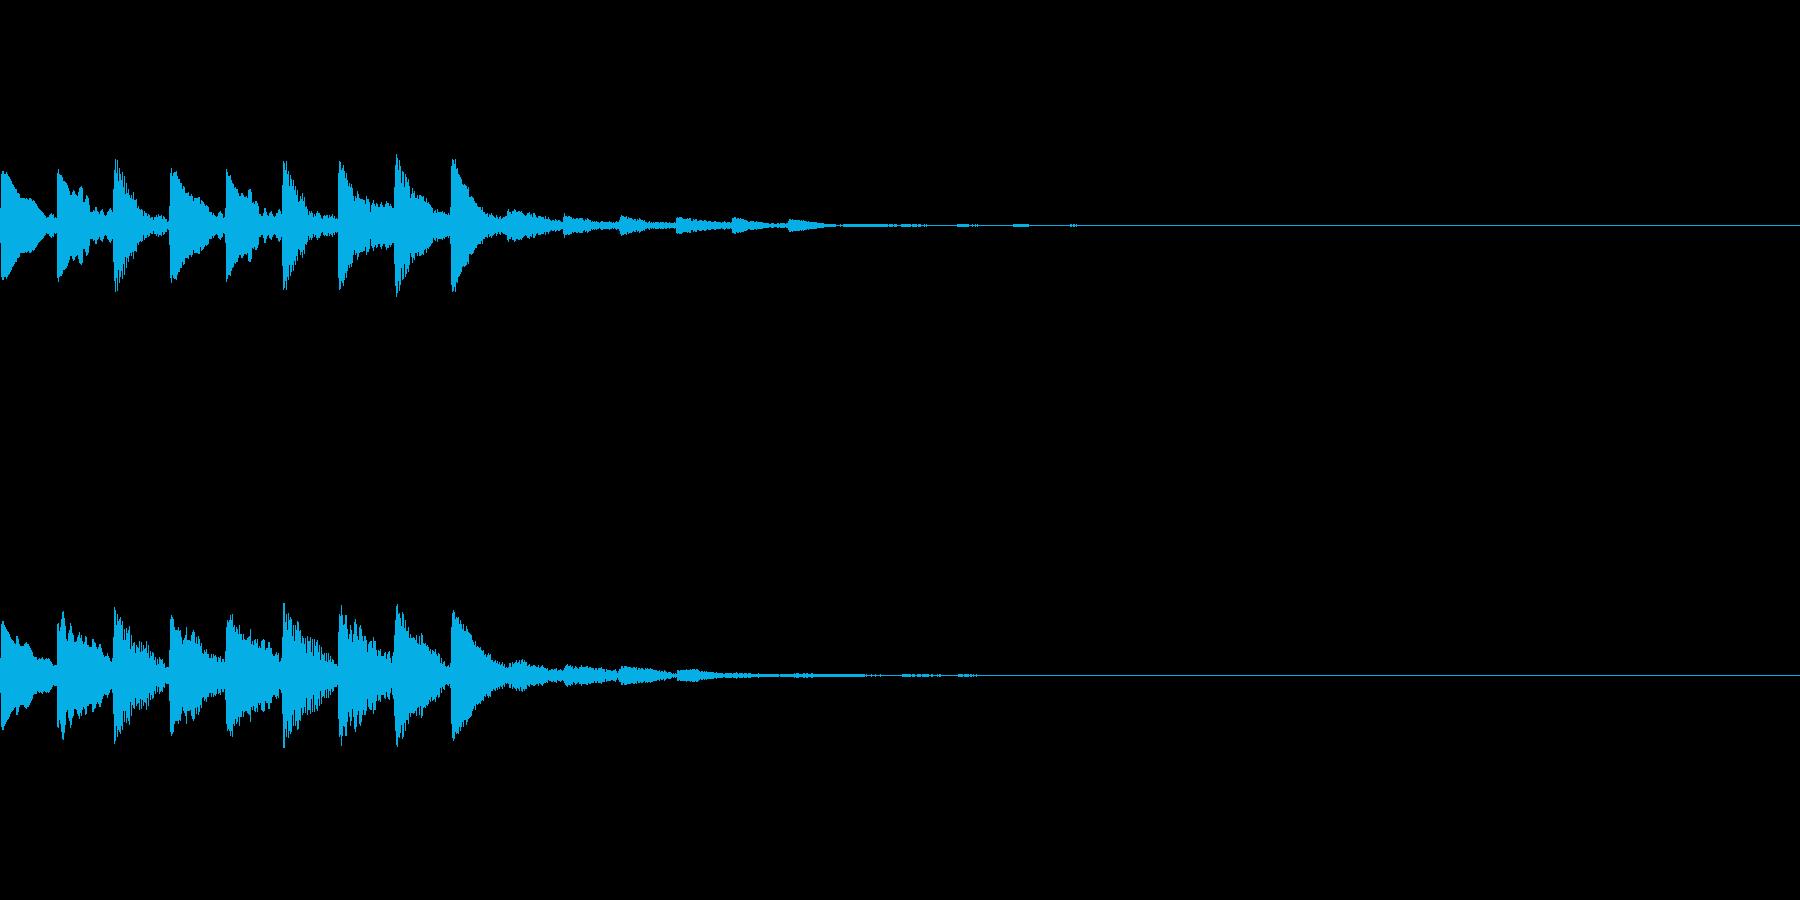 決定音・タッチ音【高め・長め】の再生済みの波形